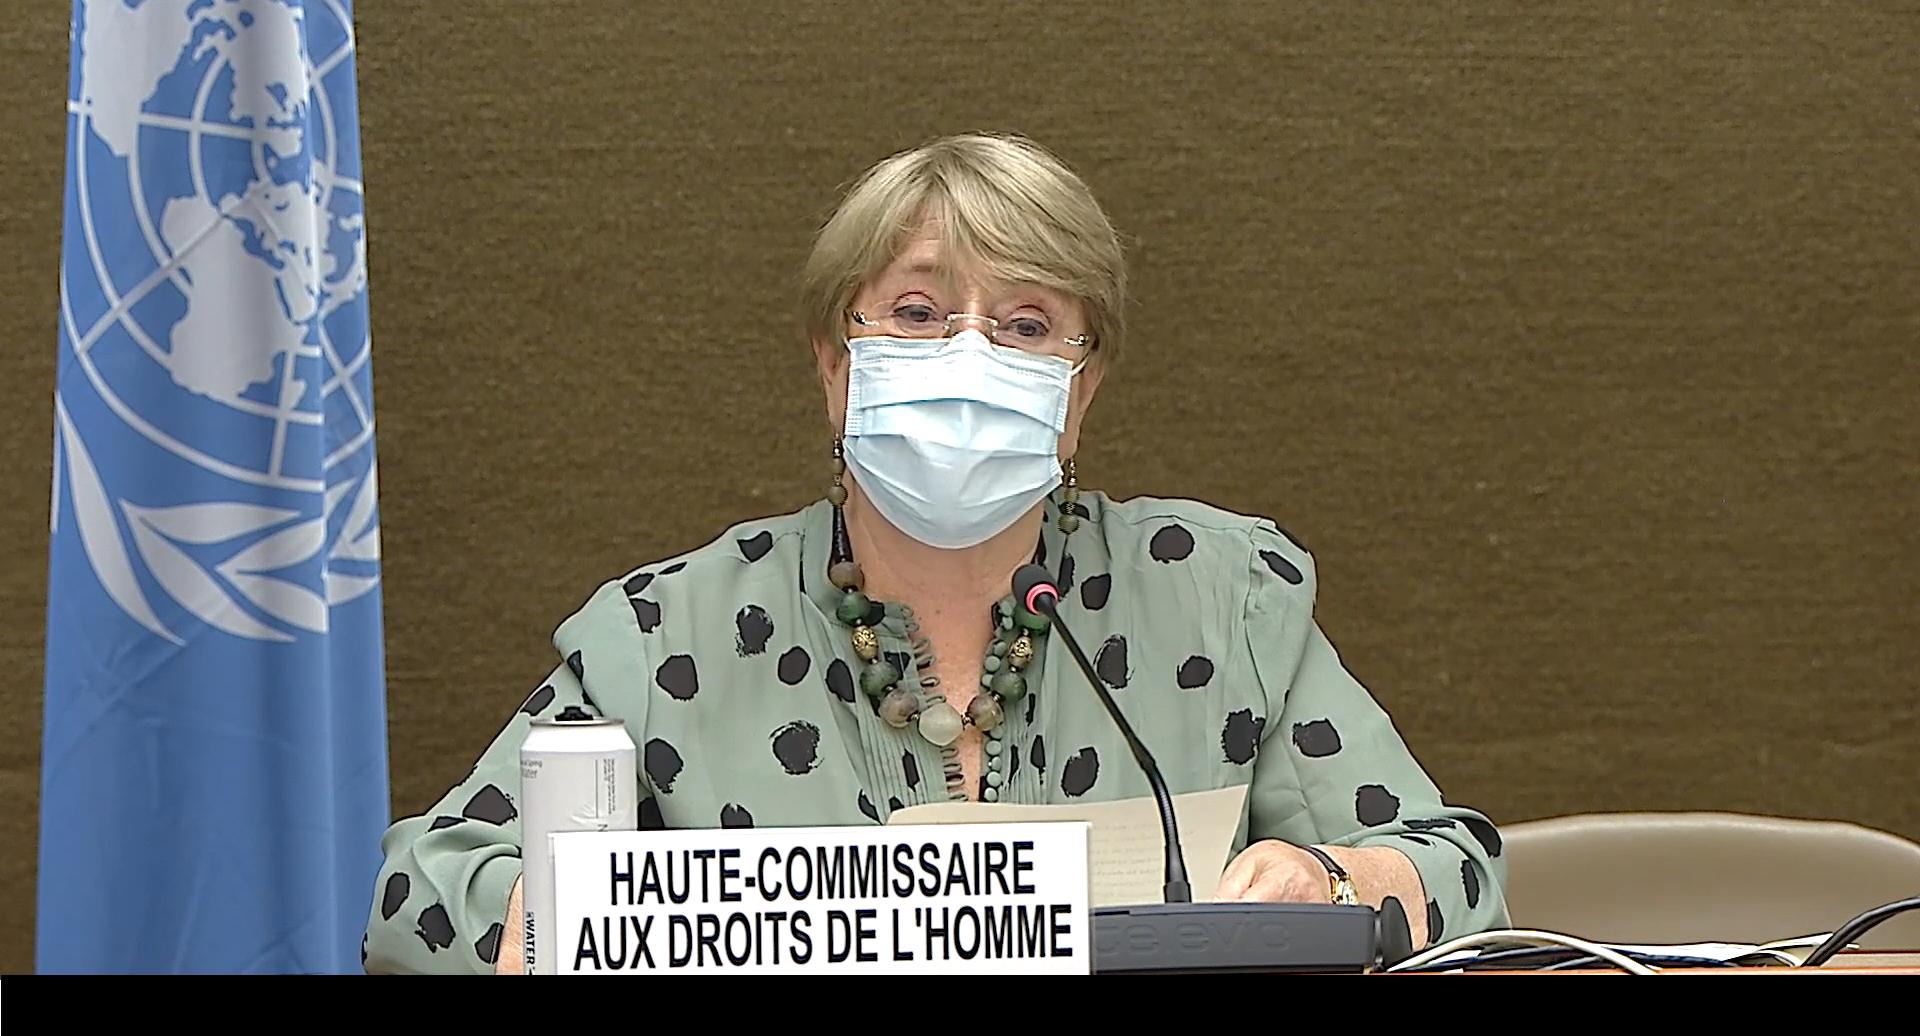 Alta Comisionada informa de retrocesos graves de los derechos humanos en el mundo